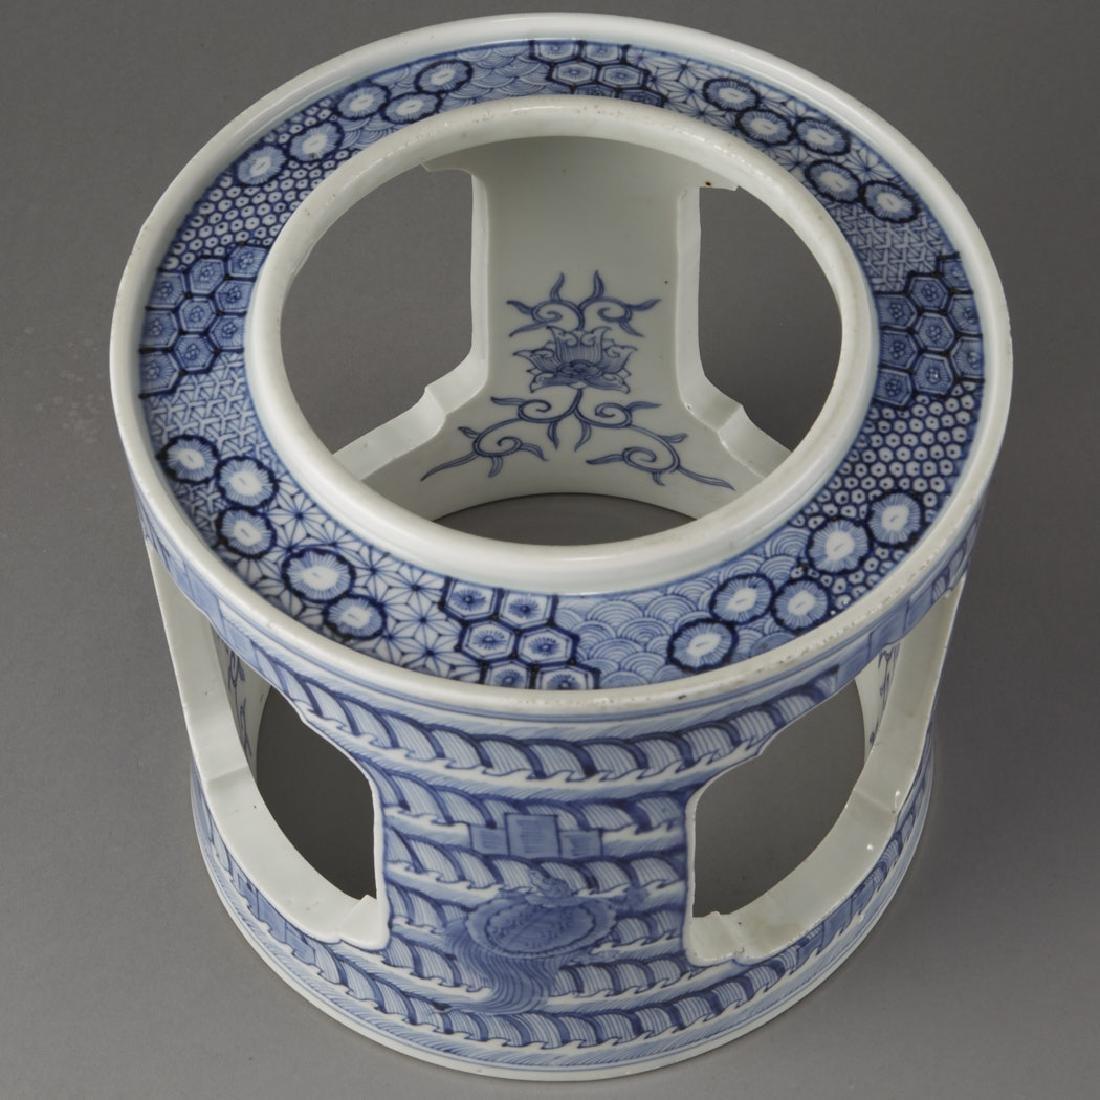 Japanese Meiji Porcelain Brazier Arita/Hirado-BTC Acpt - 2